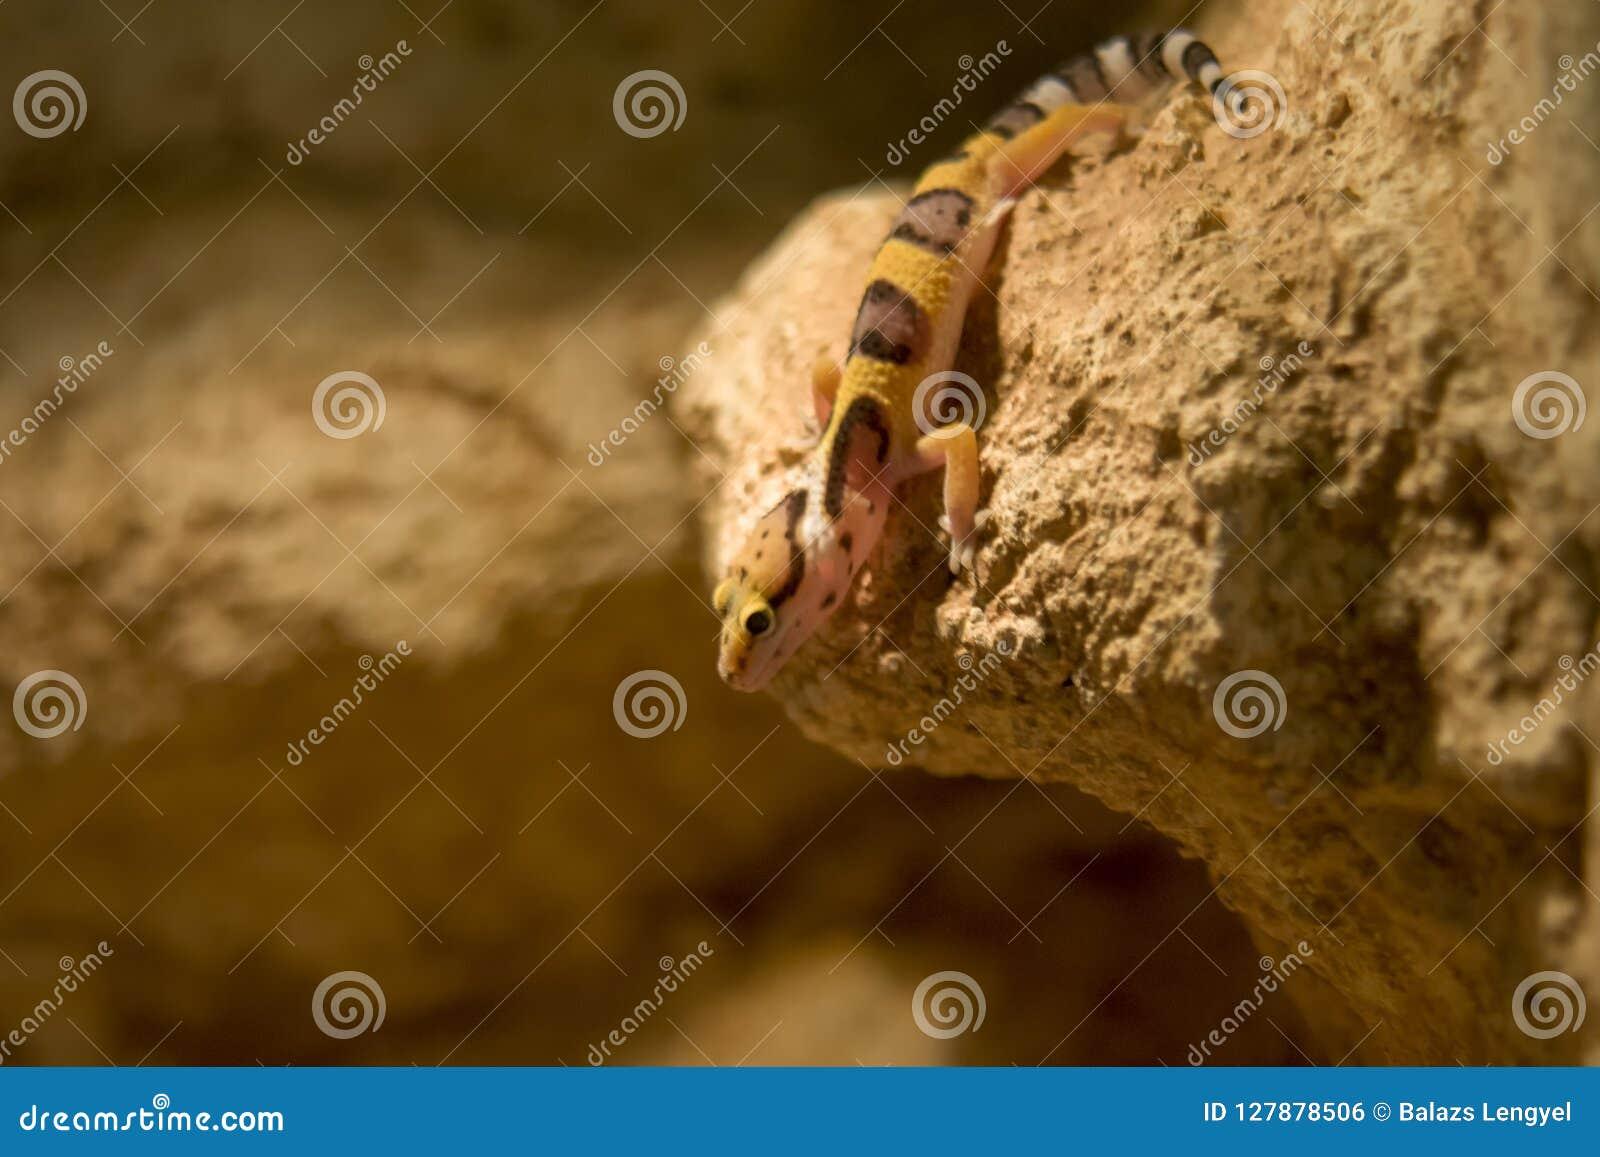 Fin de gecko de léopard, DOF peu profond